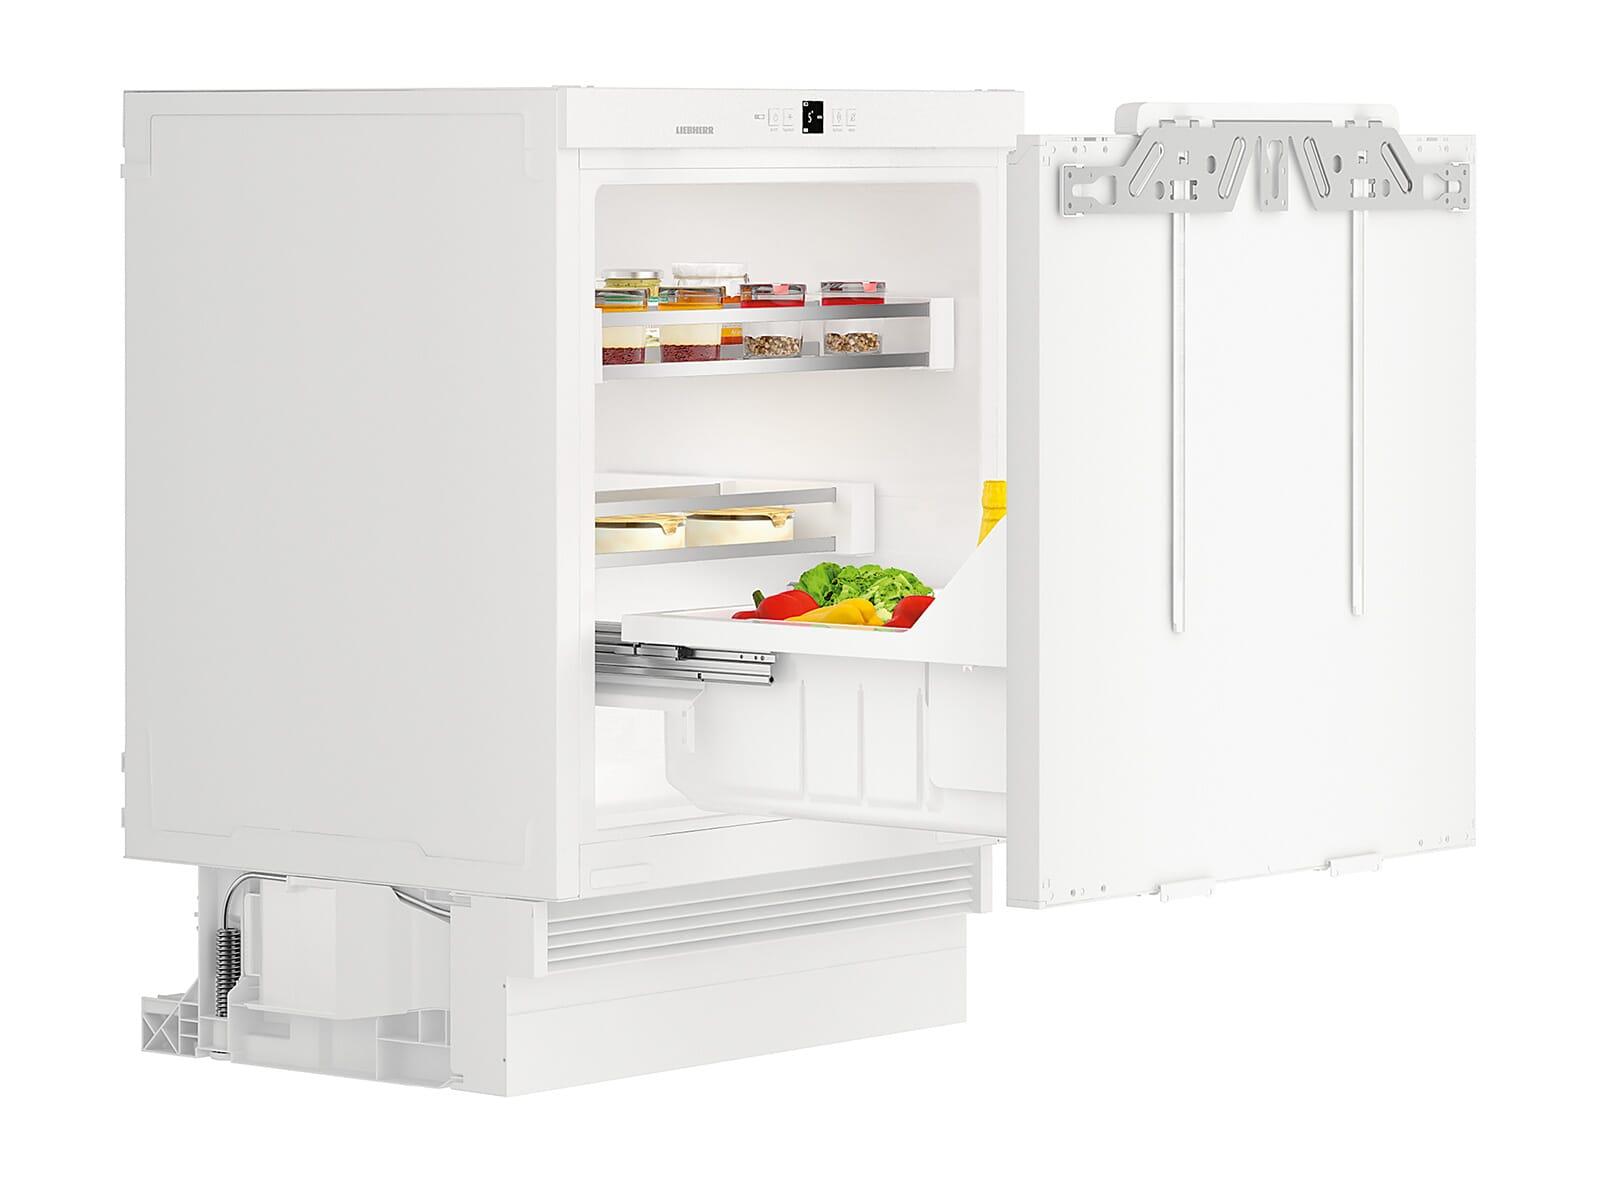 Bosch Kühlschrank Urlaubsschaltung : Liebherr uiko premium unterbaukühlschrank mit auszugswagen a